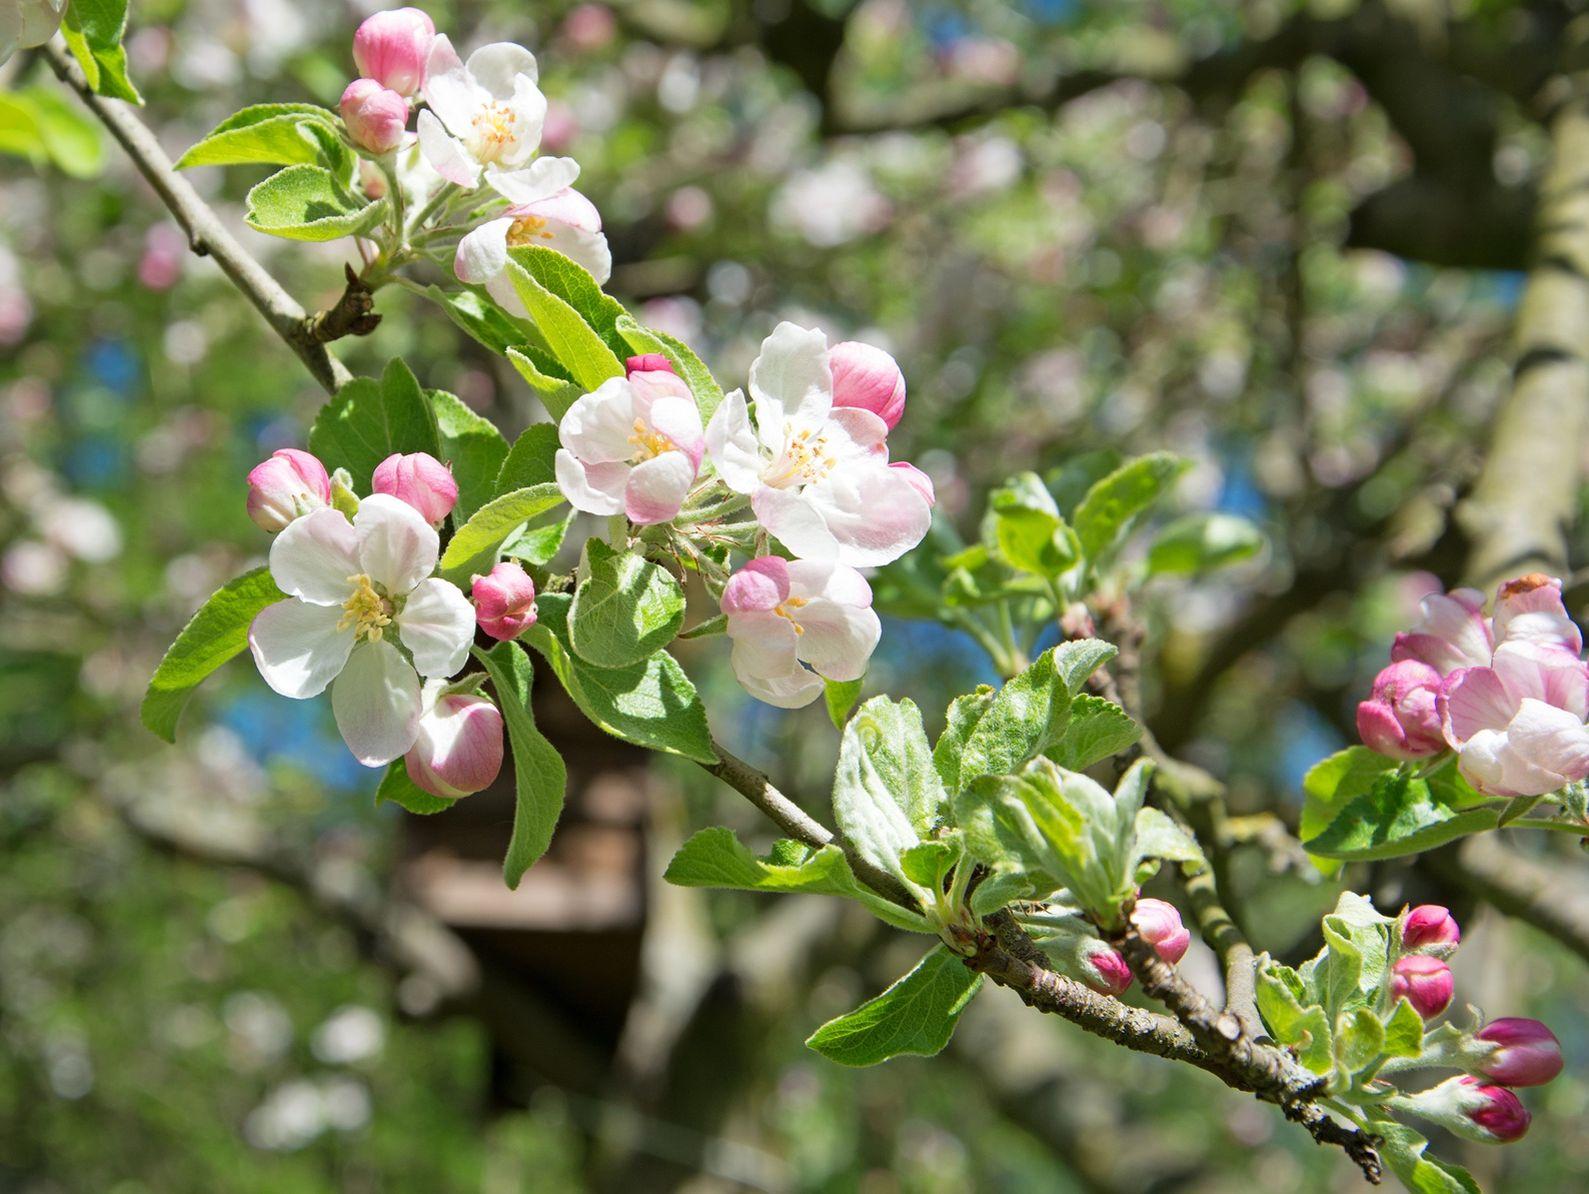 les fleurs d 39 un arbre donnent elles toujours des fruits. Black Bedroom Furniture Sets. Home Design Ideas